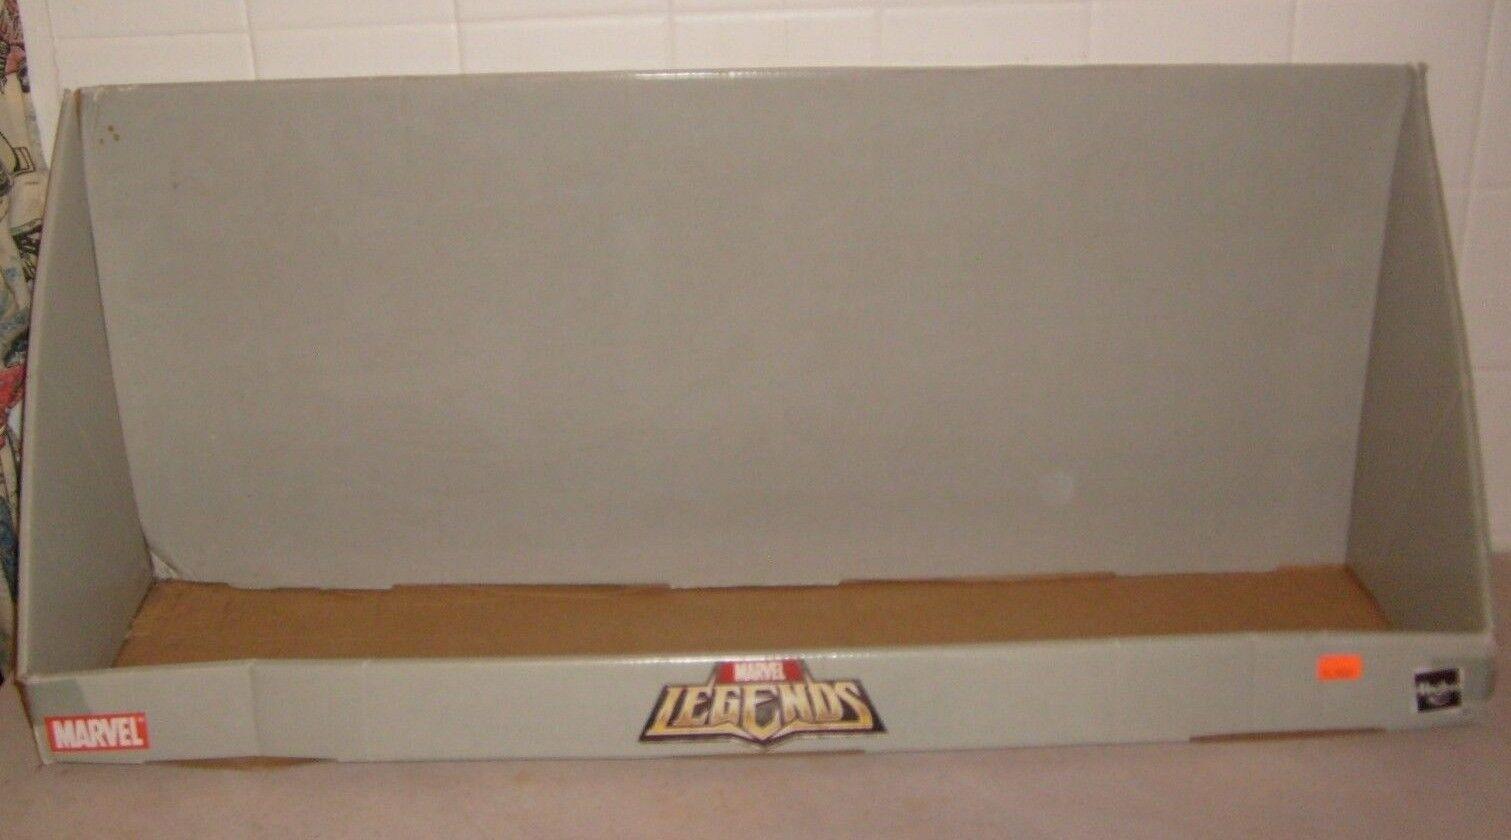 MARVEL Leggende autodate HASBRO WALMART cifra Mensola di visualizzazione molto rara  2008